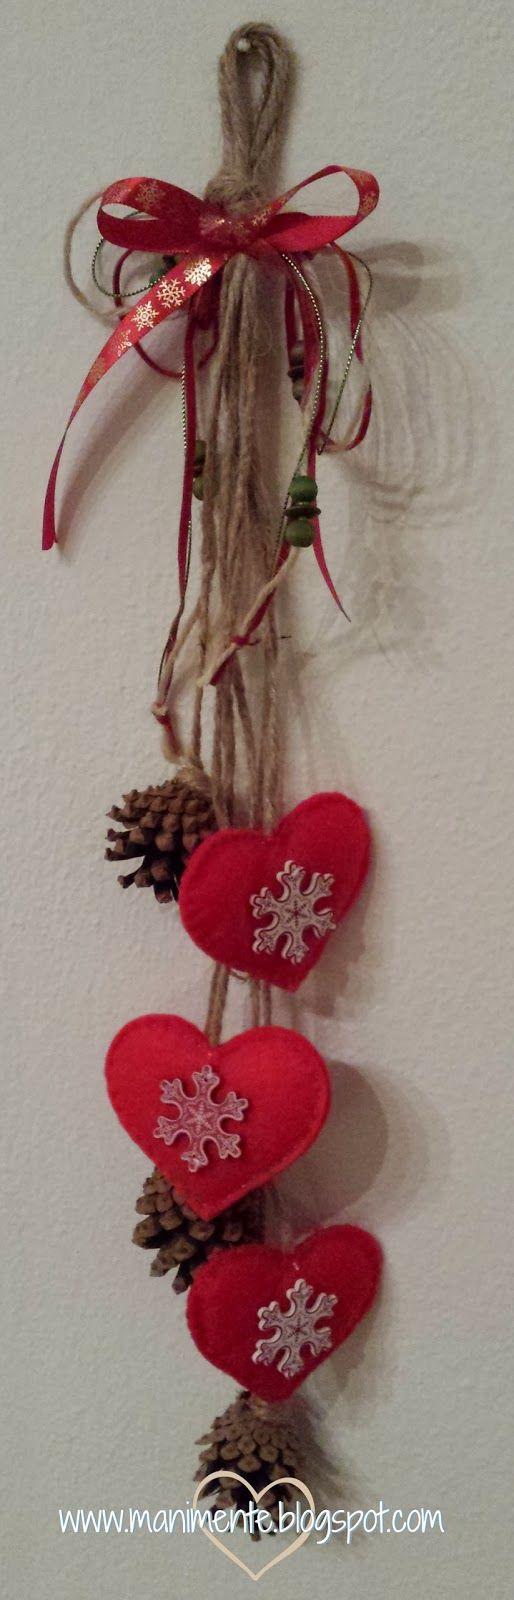 17 migliori idee su decorazioni con pigne su pinterest - Creare decorazioni natalizie ...